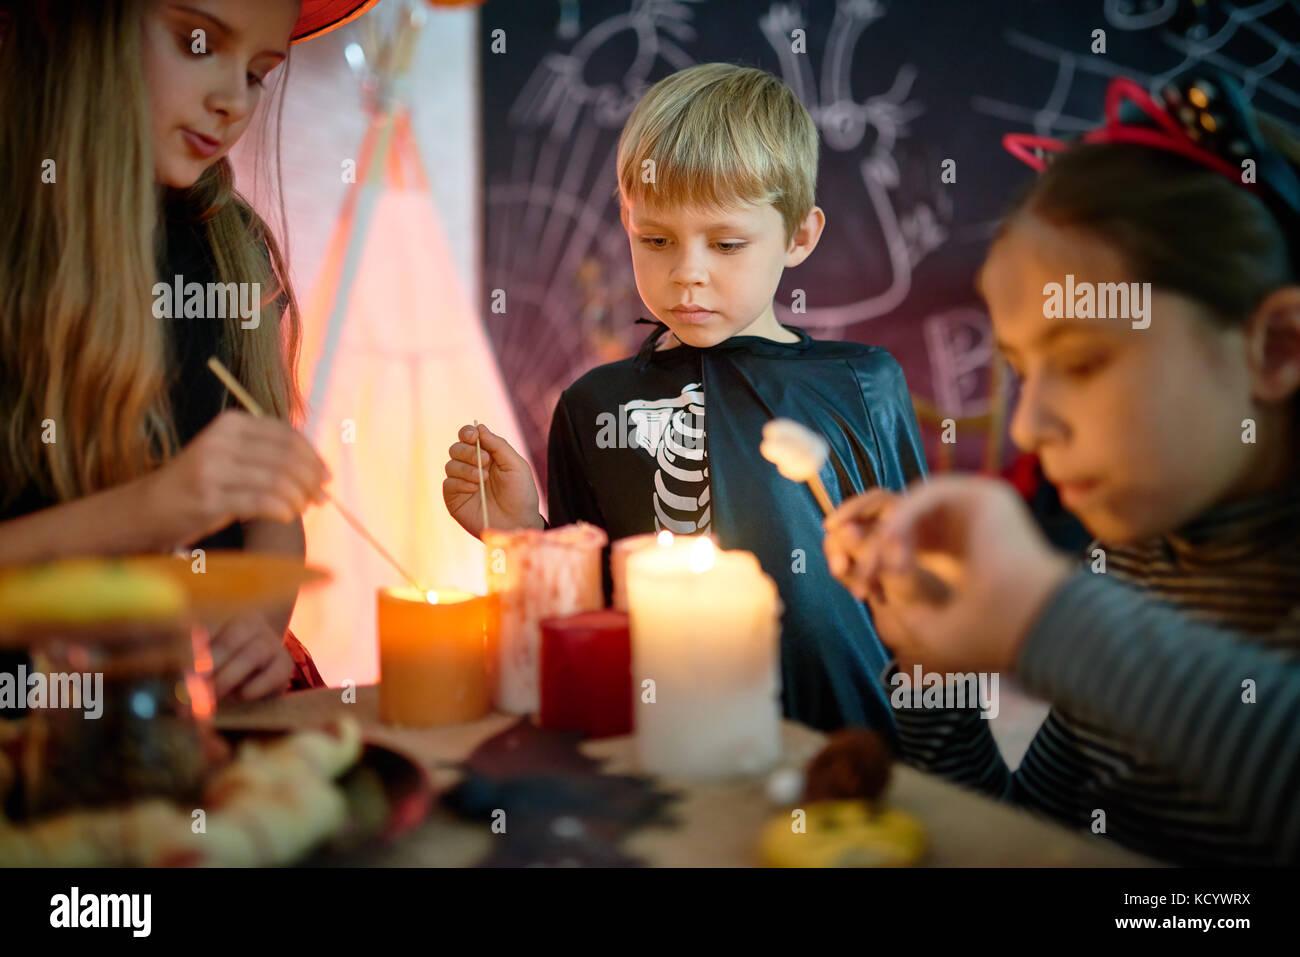 Tres pequeños amigos vistiendo disfraces de Halloween reunidos en el acogedor salón decorado para vacaciones Imagen De Stock